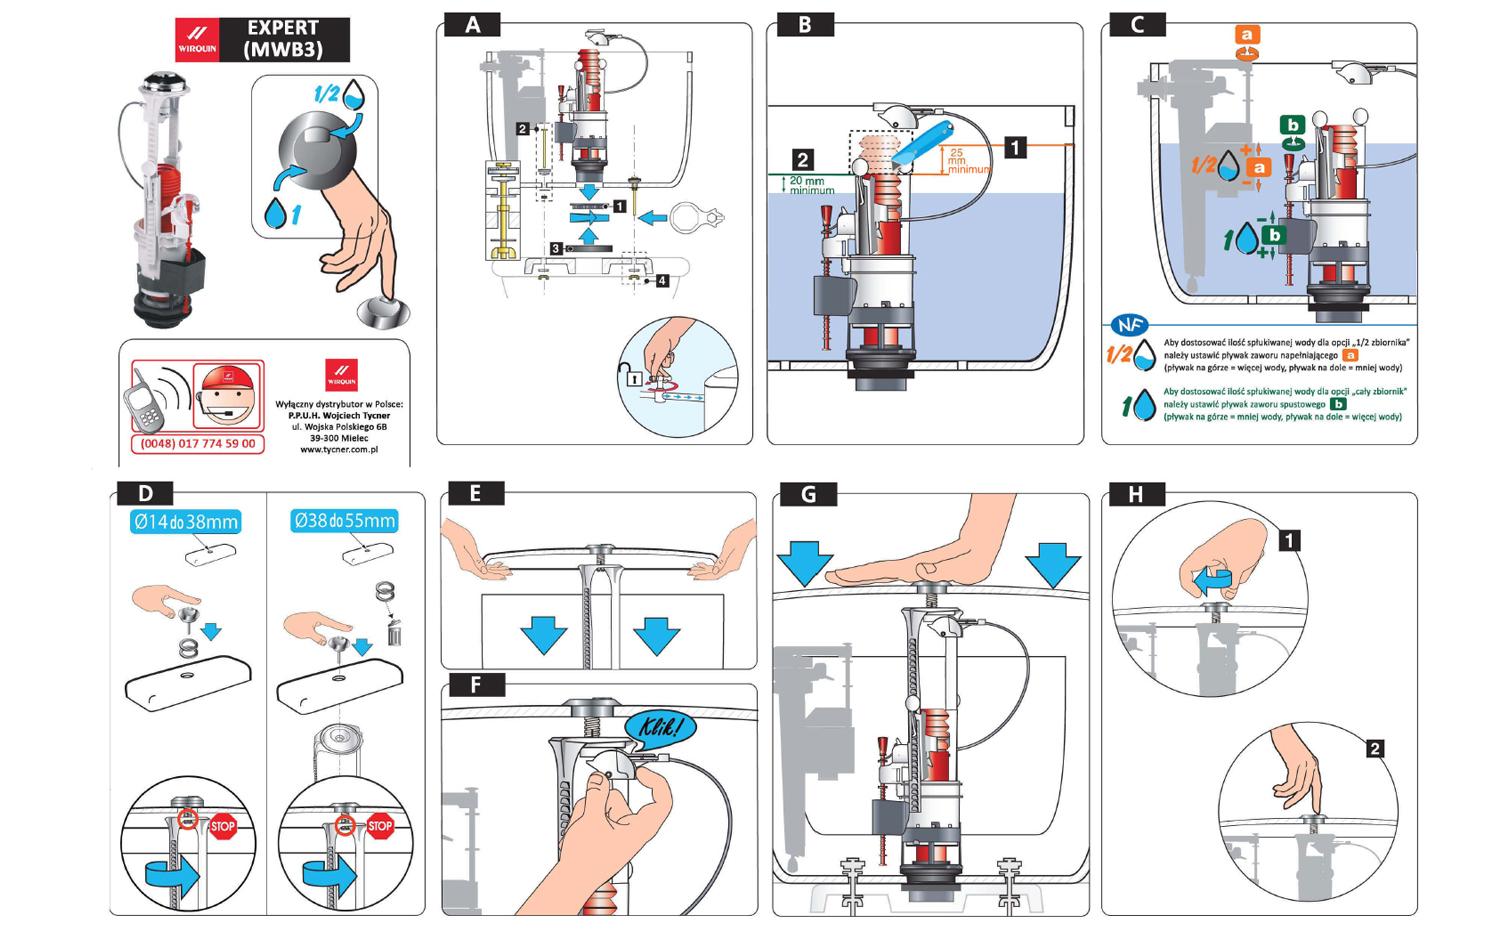 Instrukcja montażu - Mechanizm spustowy Expert (MWB3)